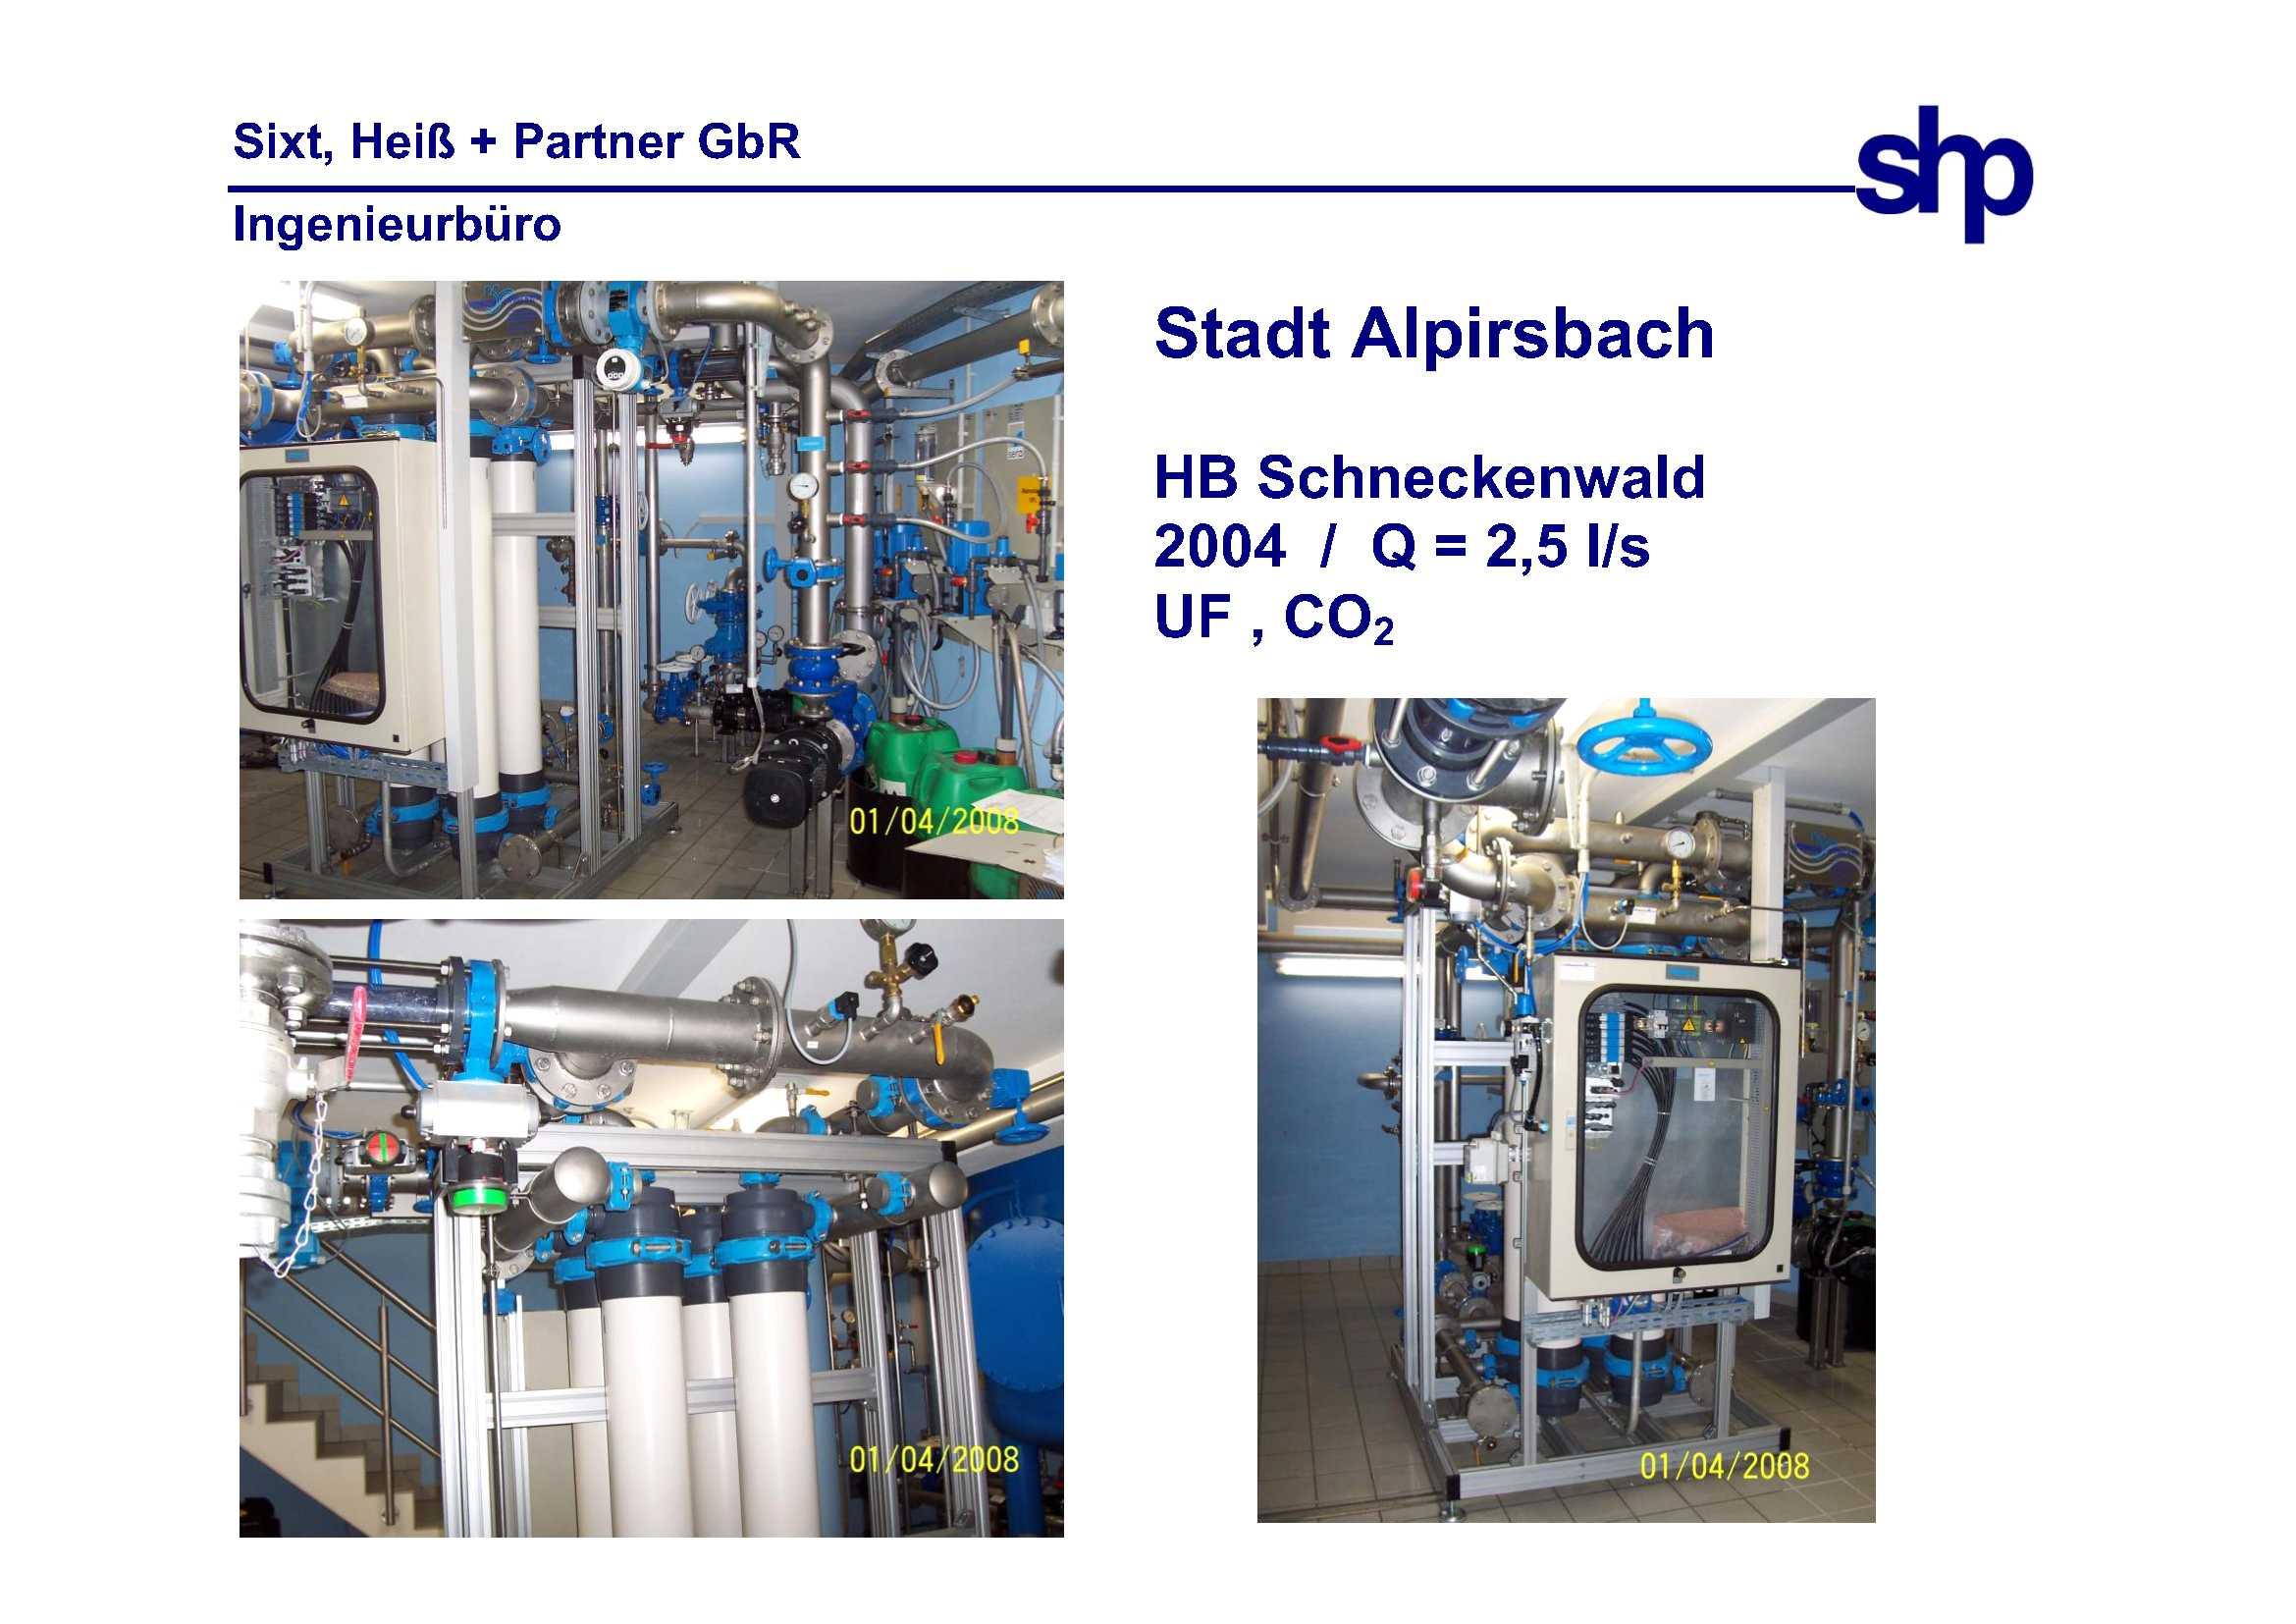 anlagensteckbrief-alpirsbach-hb-schneckenwald